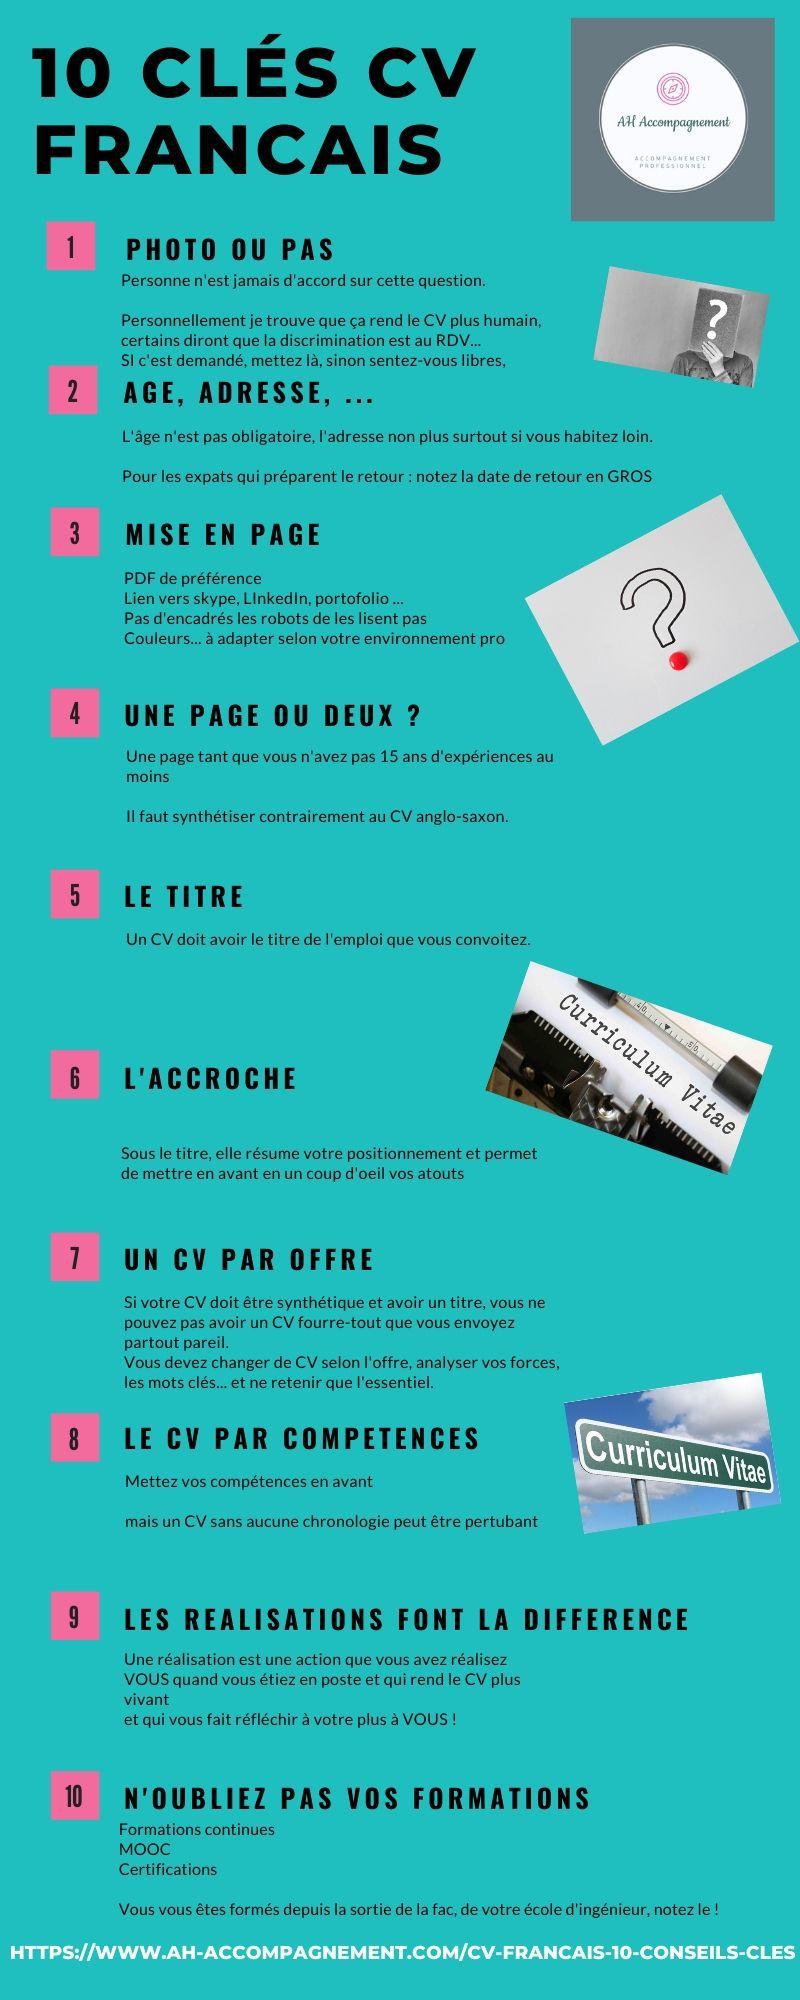 AH Accompagnement 10 clés cv francais